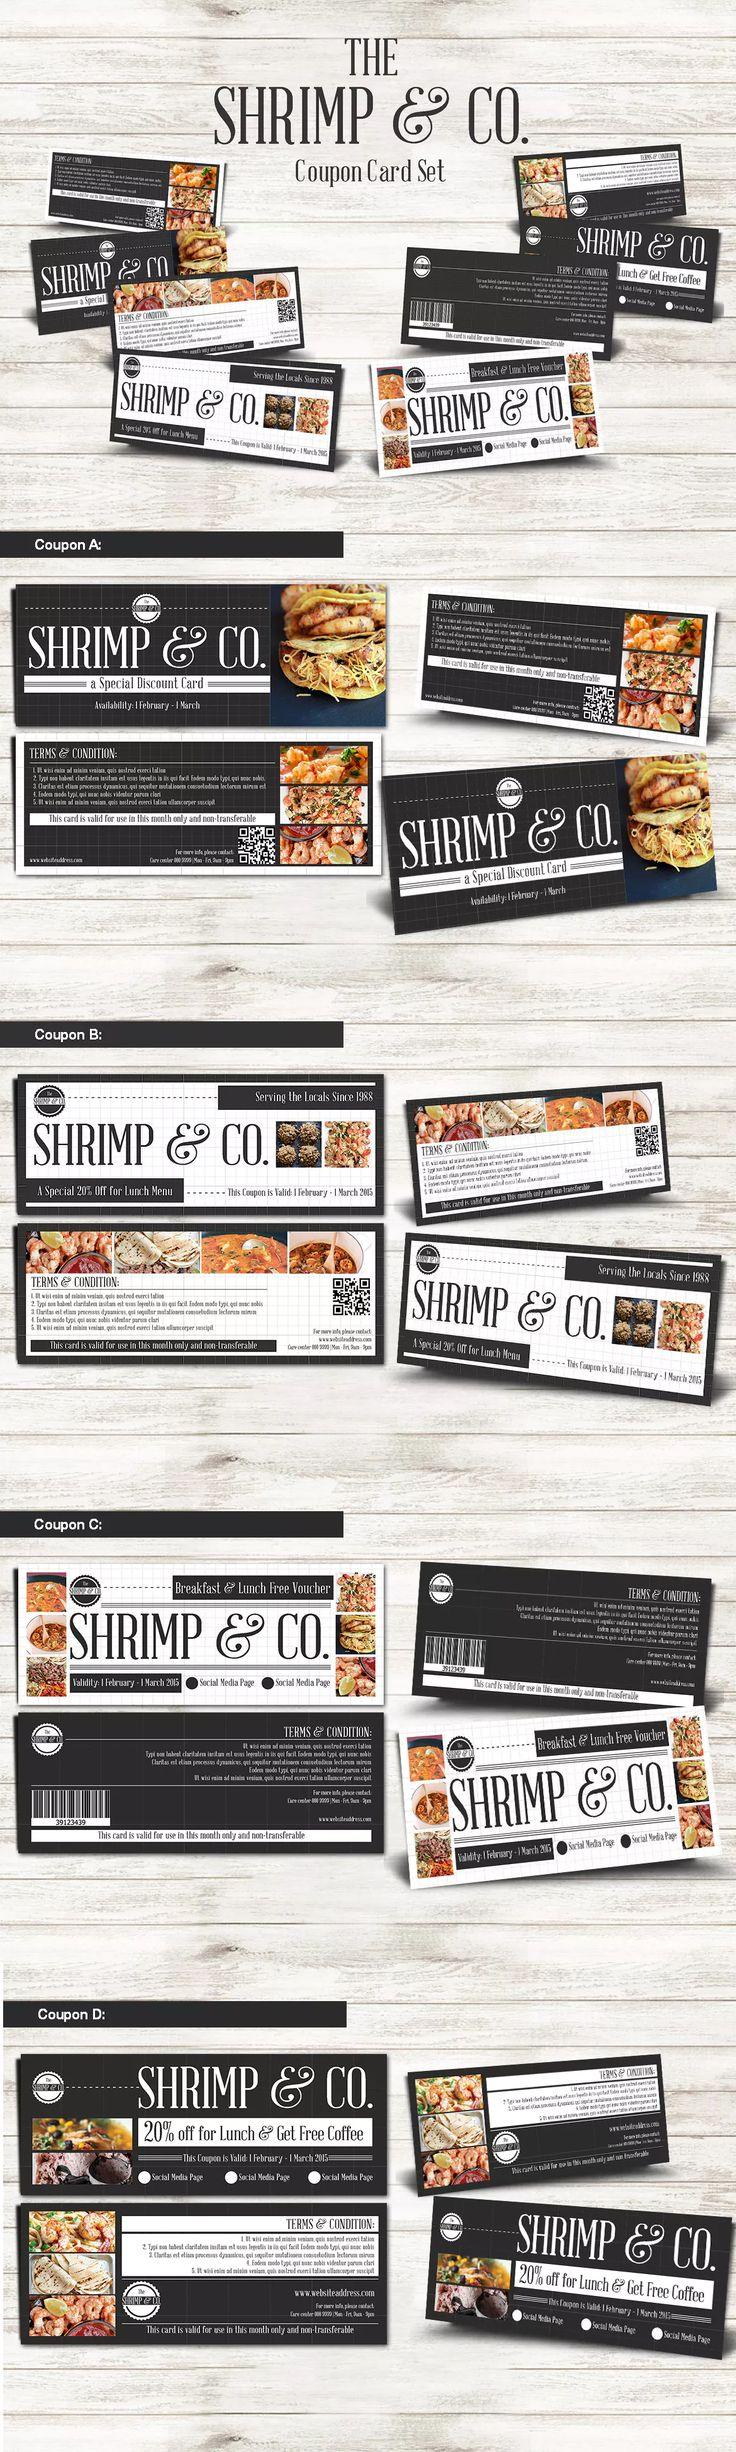 Seafood Restaurant Coupon Card Template PSD